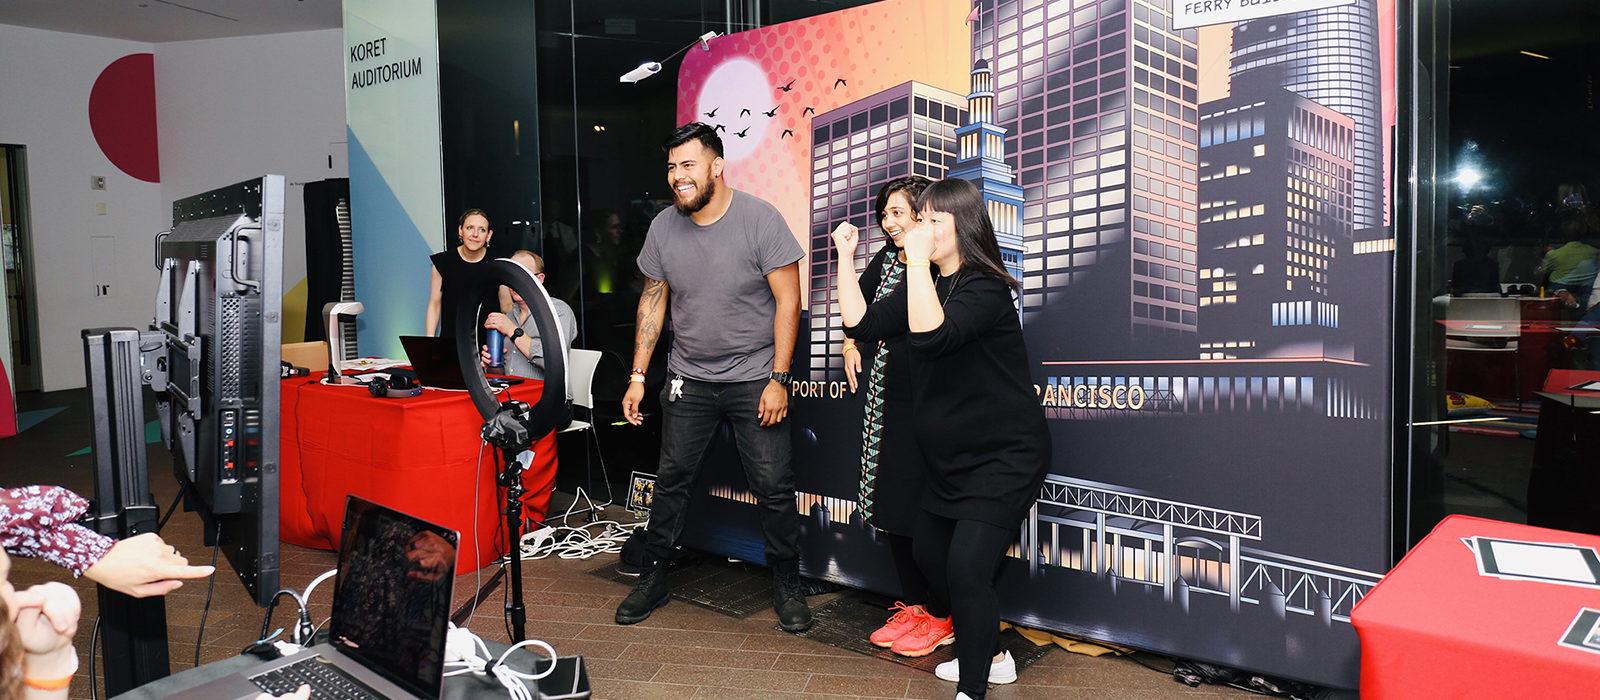 Los superhéroes de Adobe hacen magia en la fiesta de arte de Youngsters